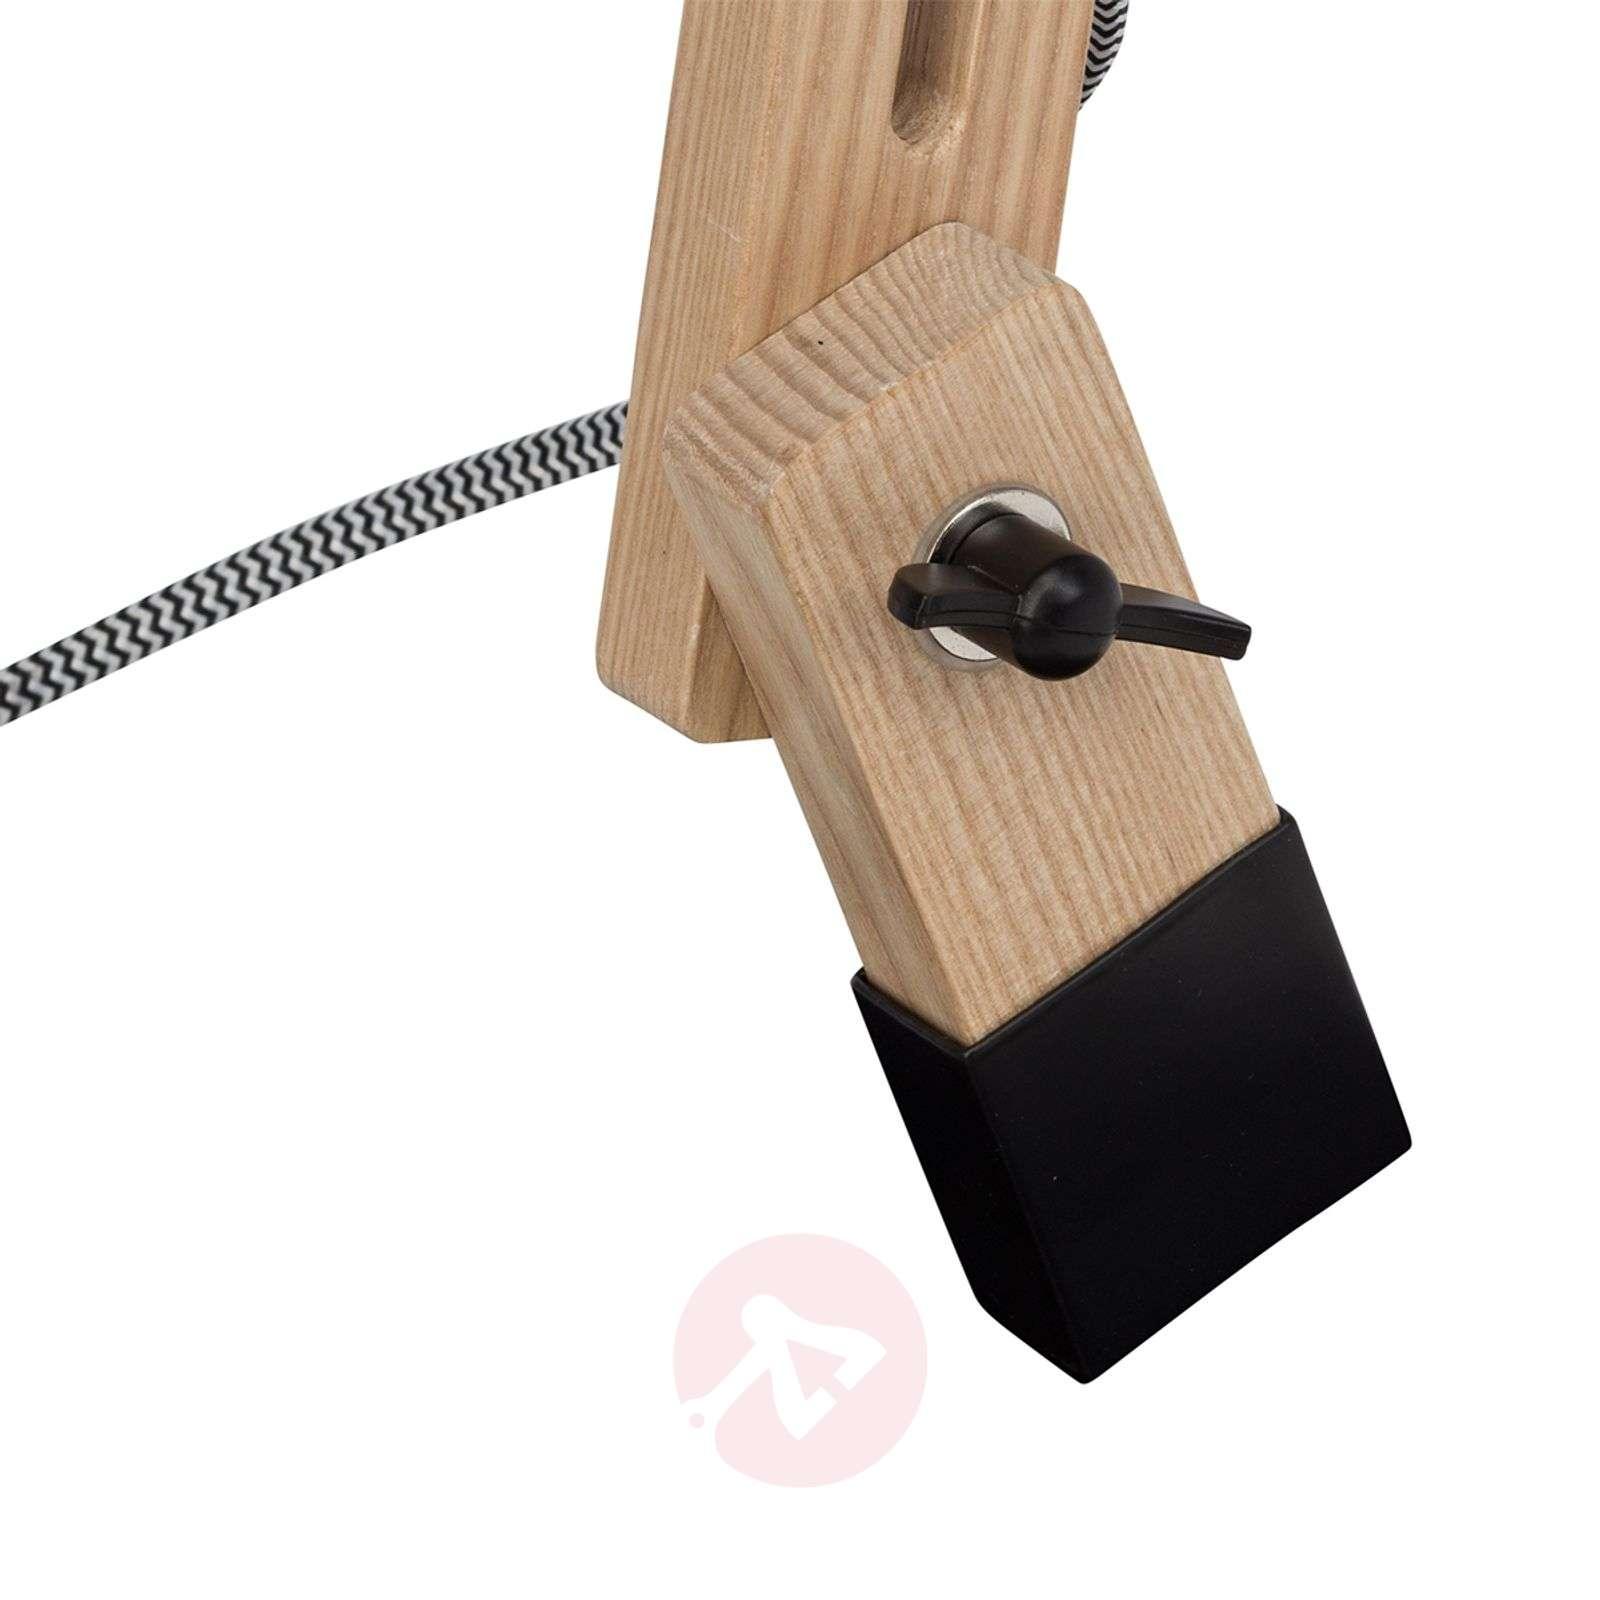 Musta Elias-pöytävalaisin, jossa on puinen runko-1509172-01